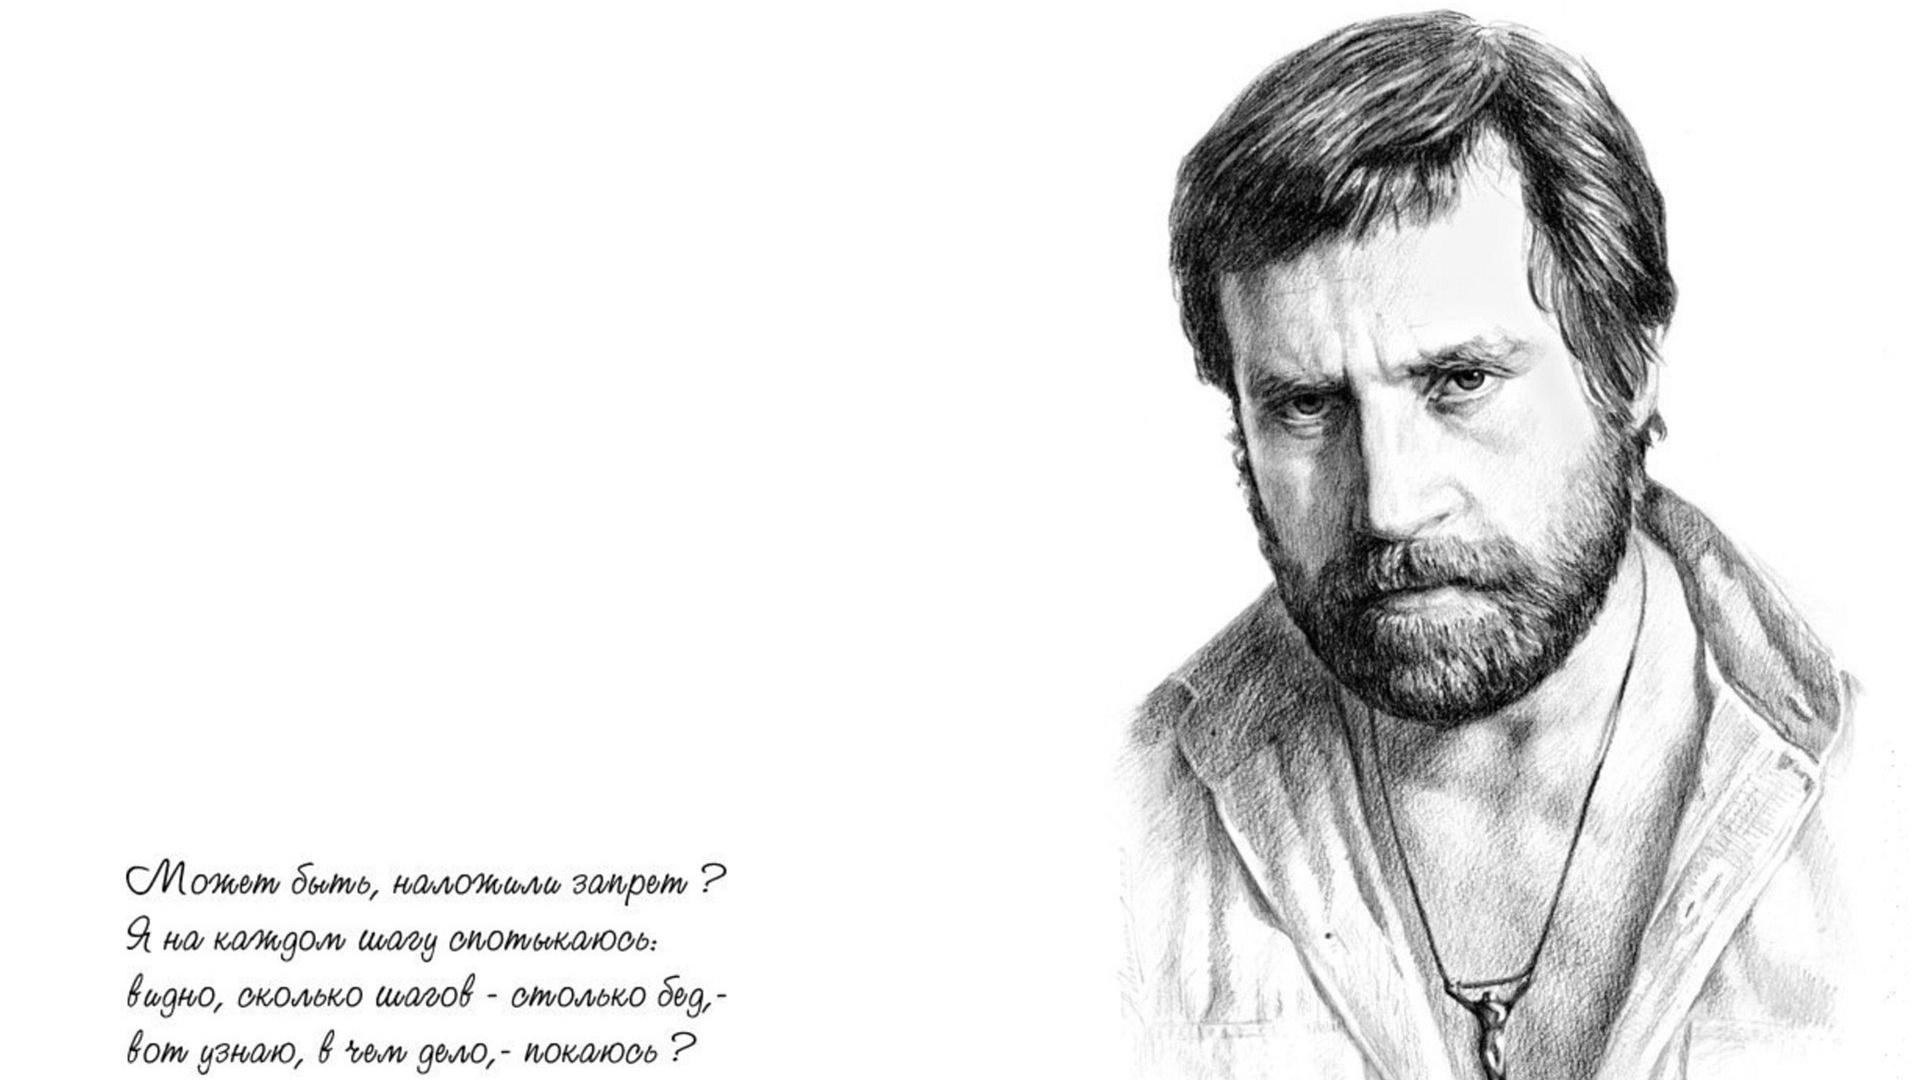 Цитаты к портрету фотография метляк, бекарас